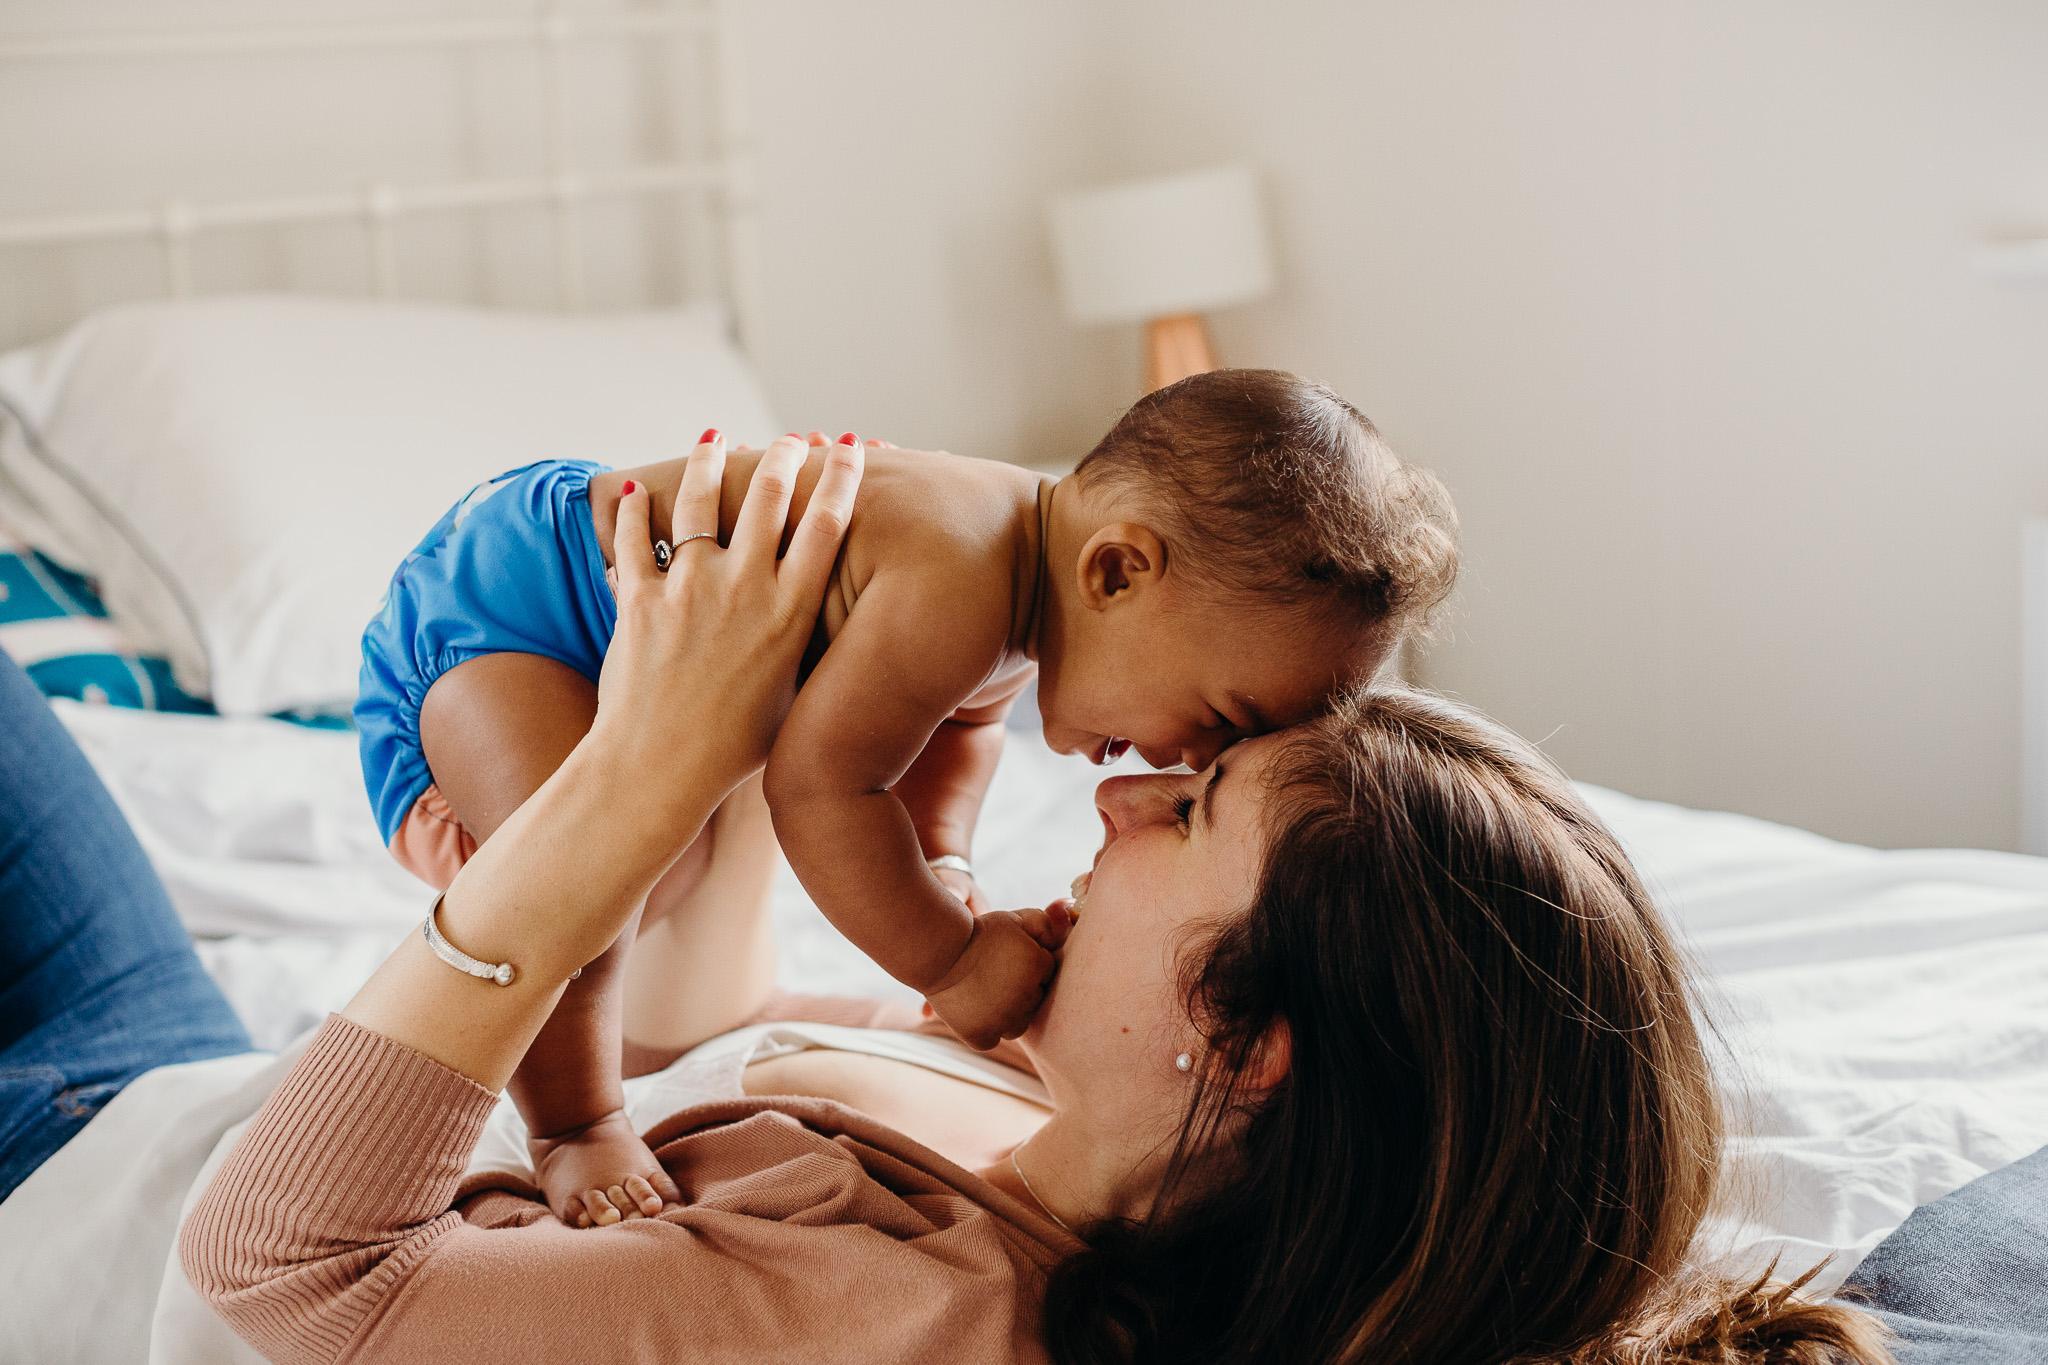 motherhood-baby-inhome-photoshoot-36.jpg